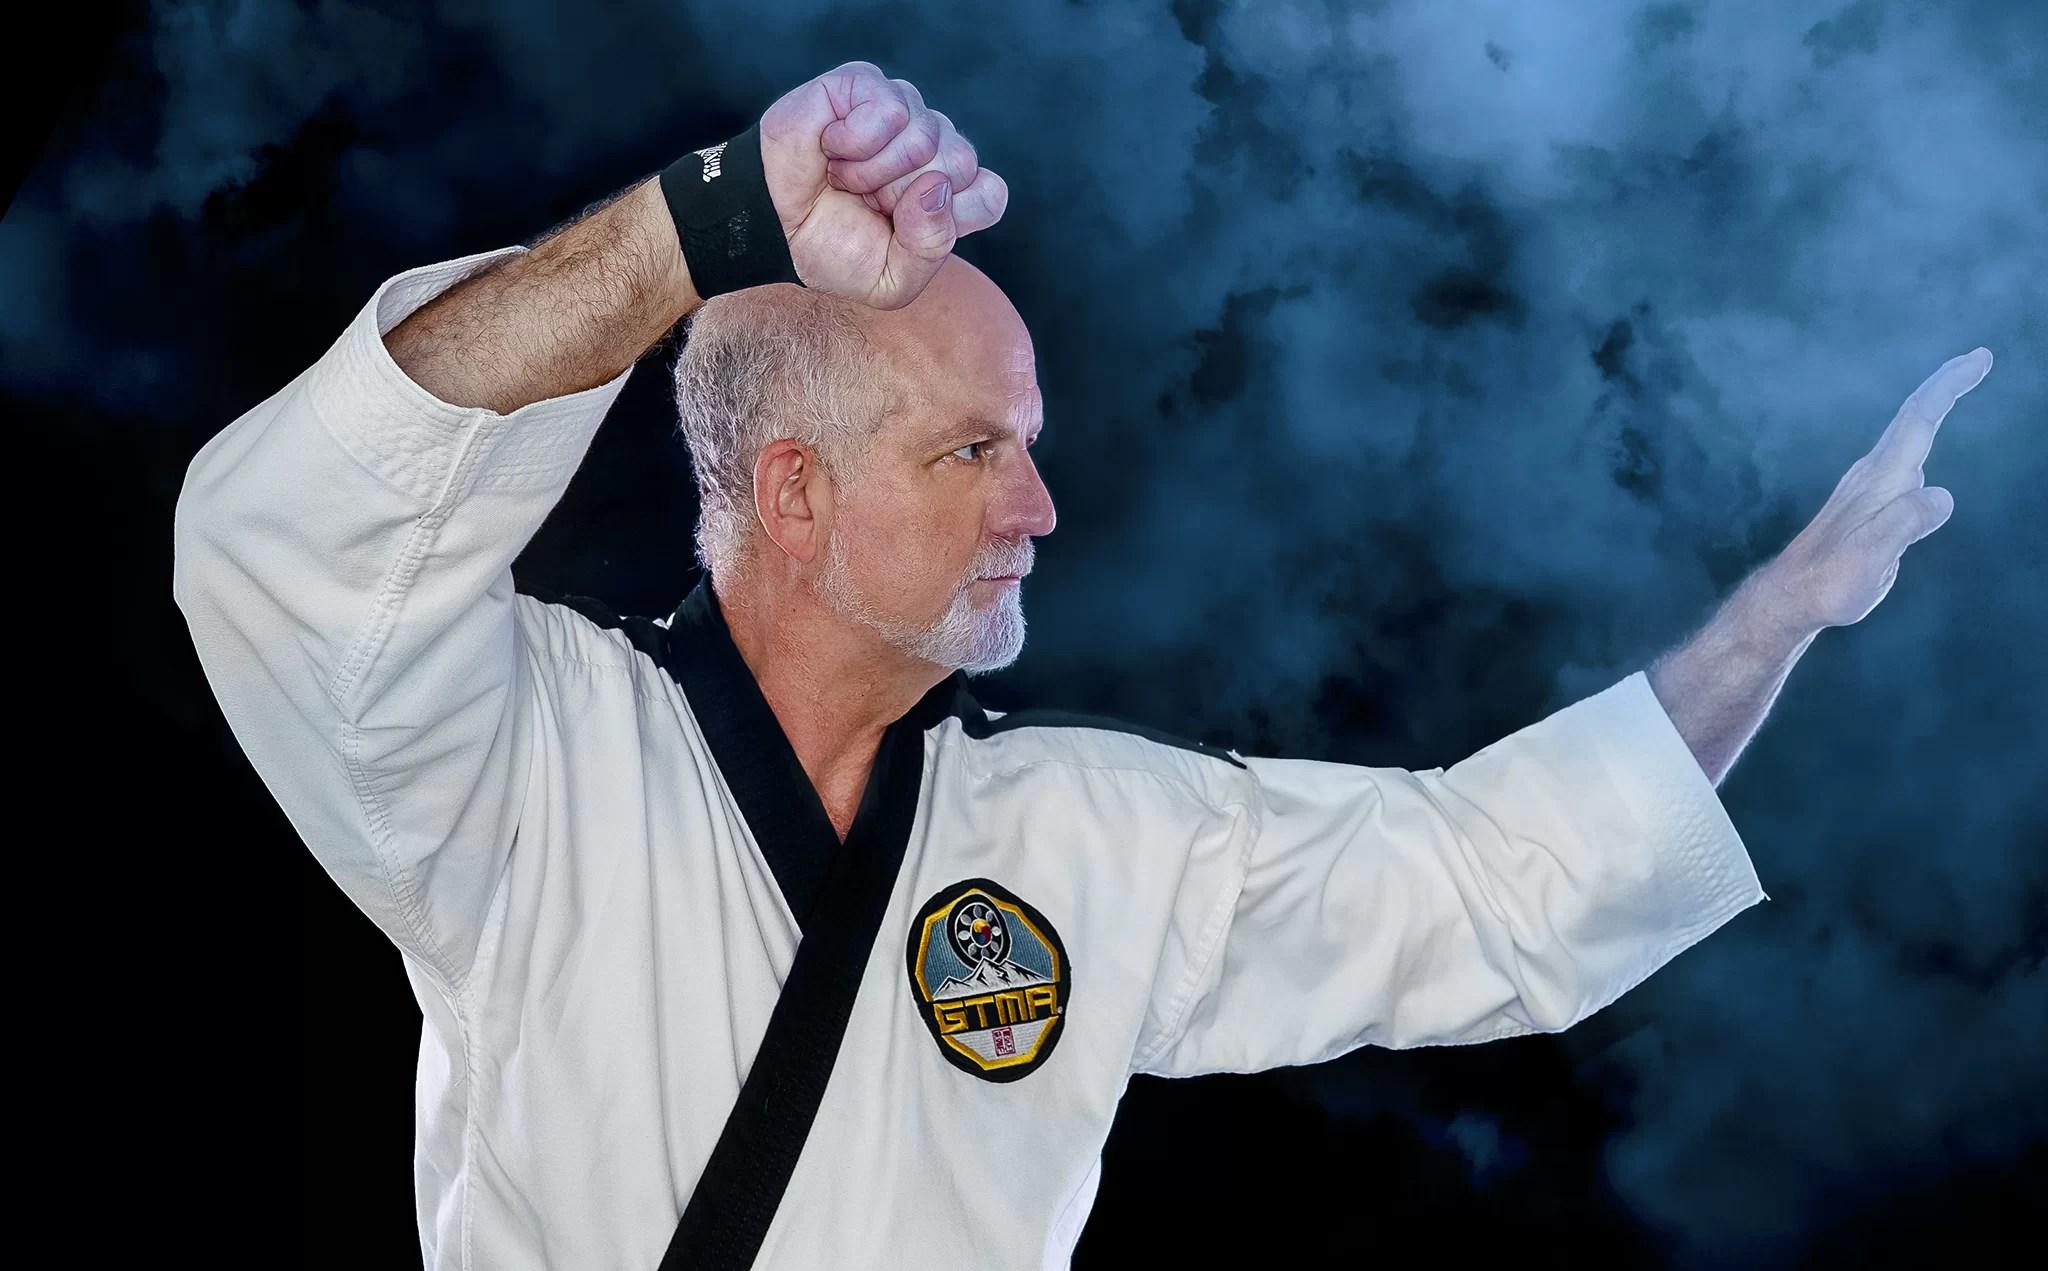 taekwondo black belt instructor action portrait